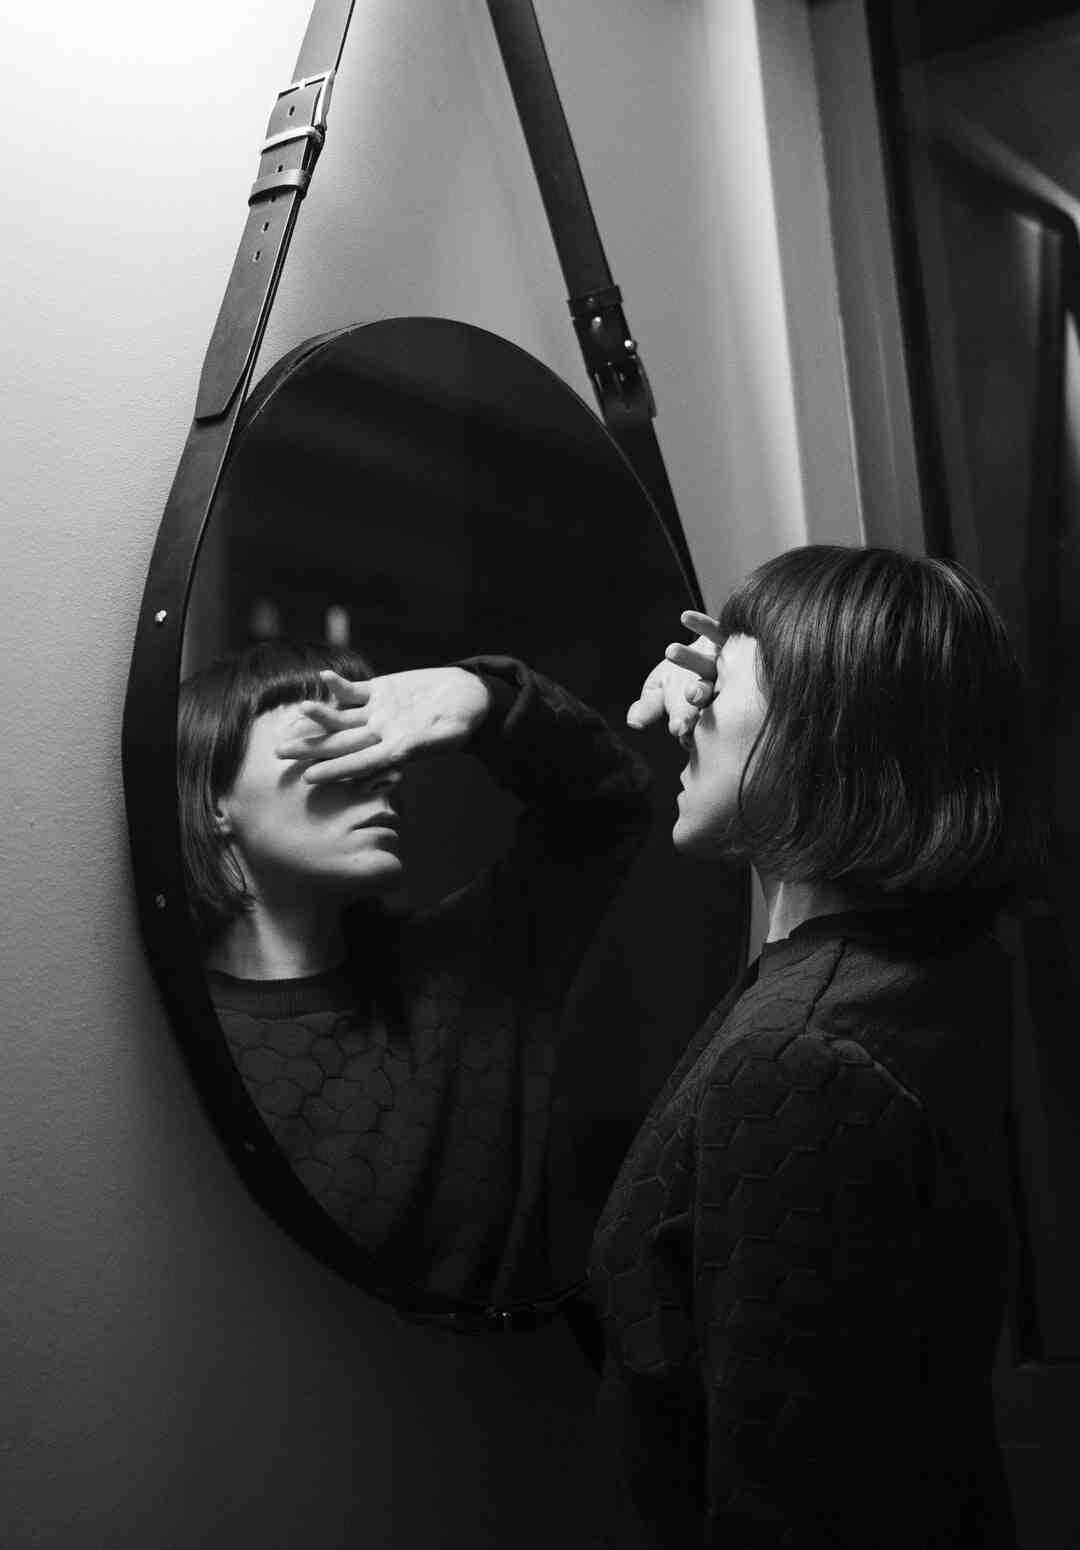 Comment accrocher un miroir lourd sans percer ?